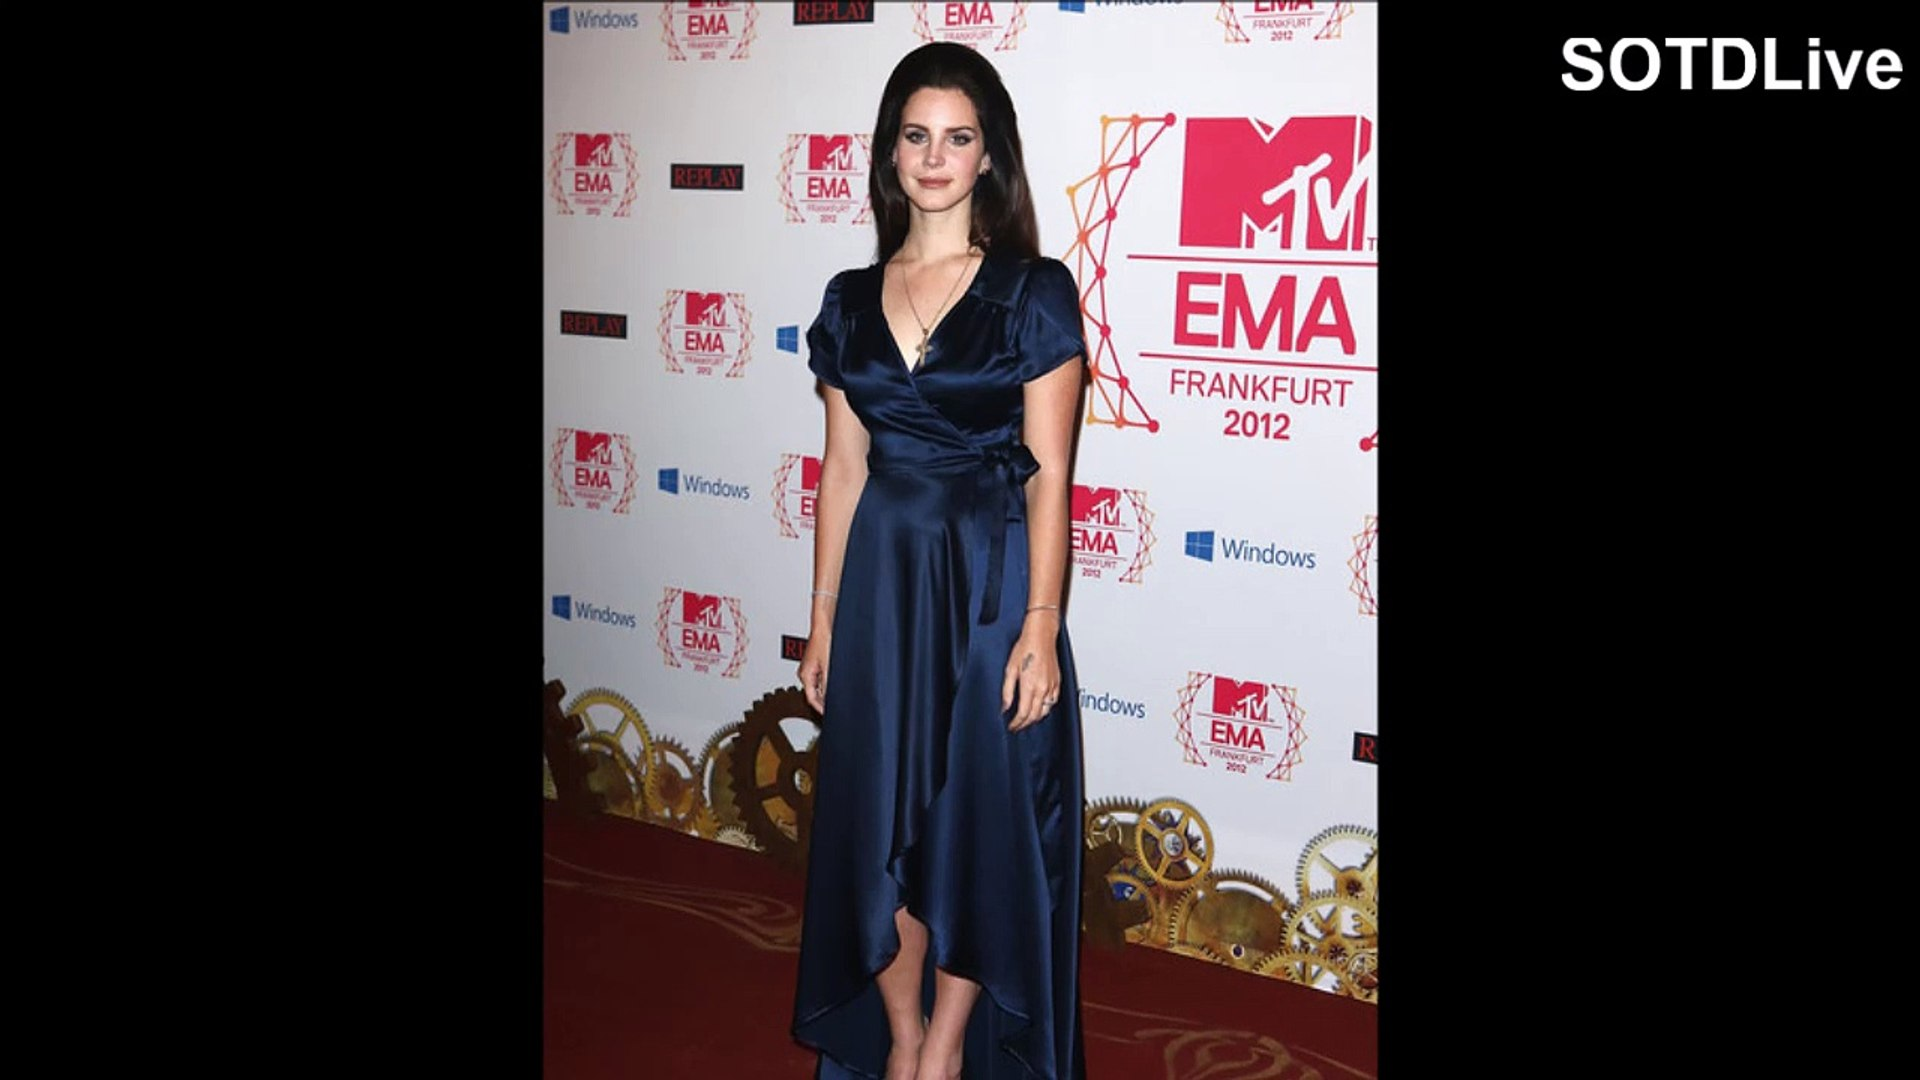 LANA DEL REY looks RAVISHING in BLUE DRESS | SOTDLive | Episode 5